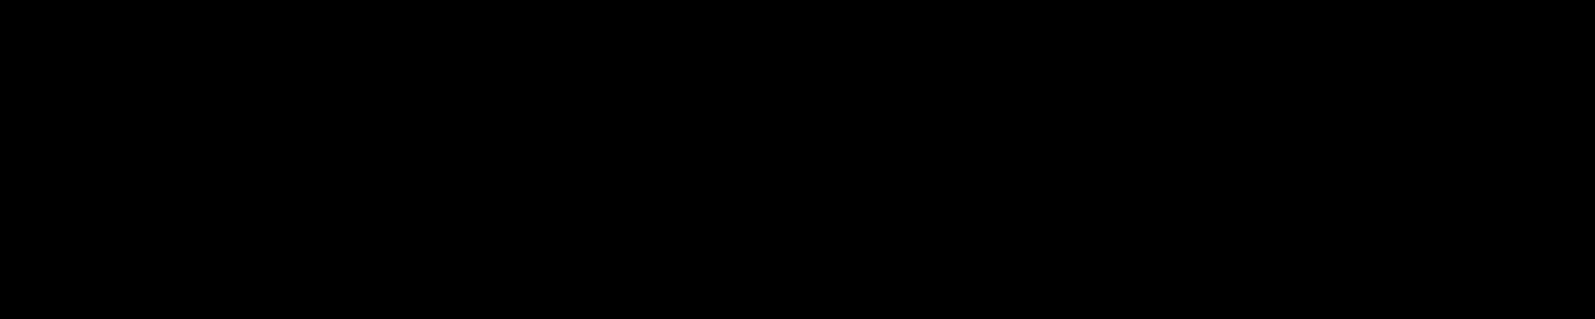 AnitaLovett.com